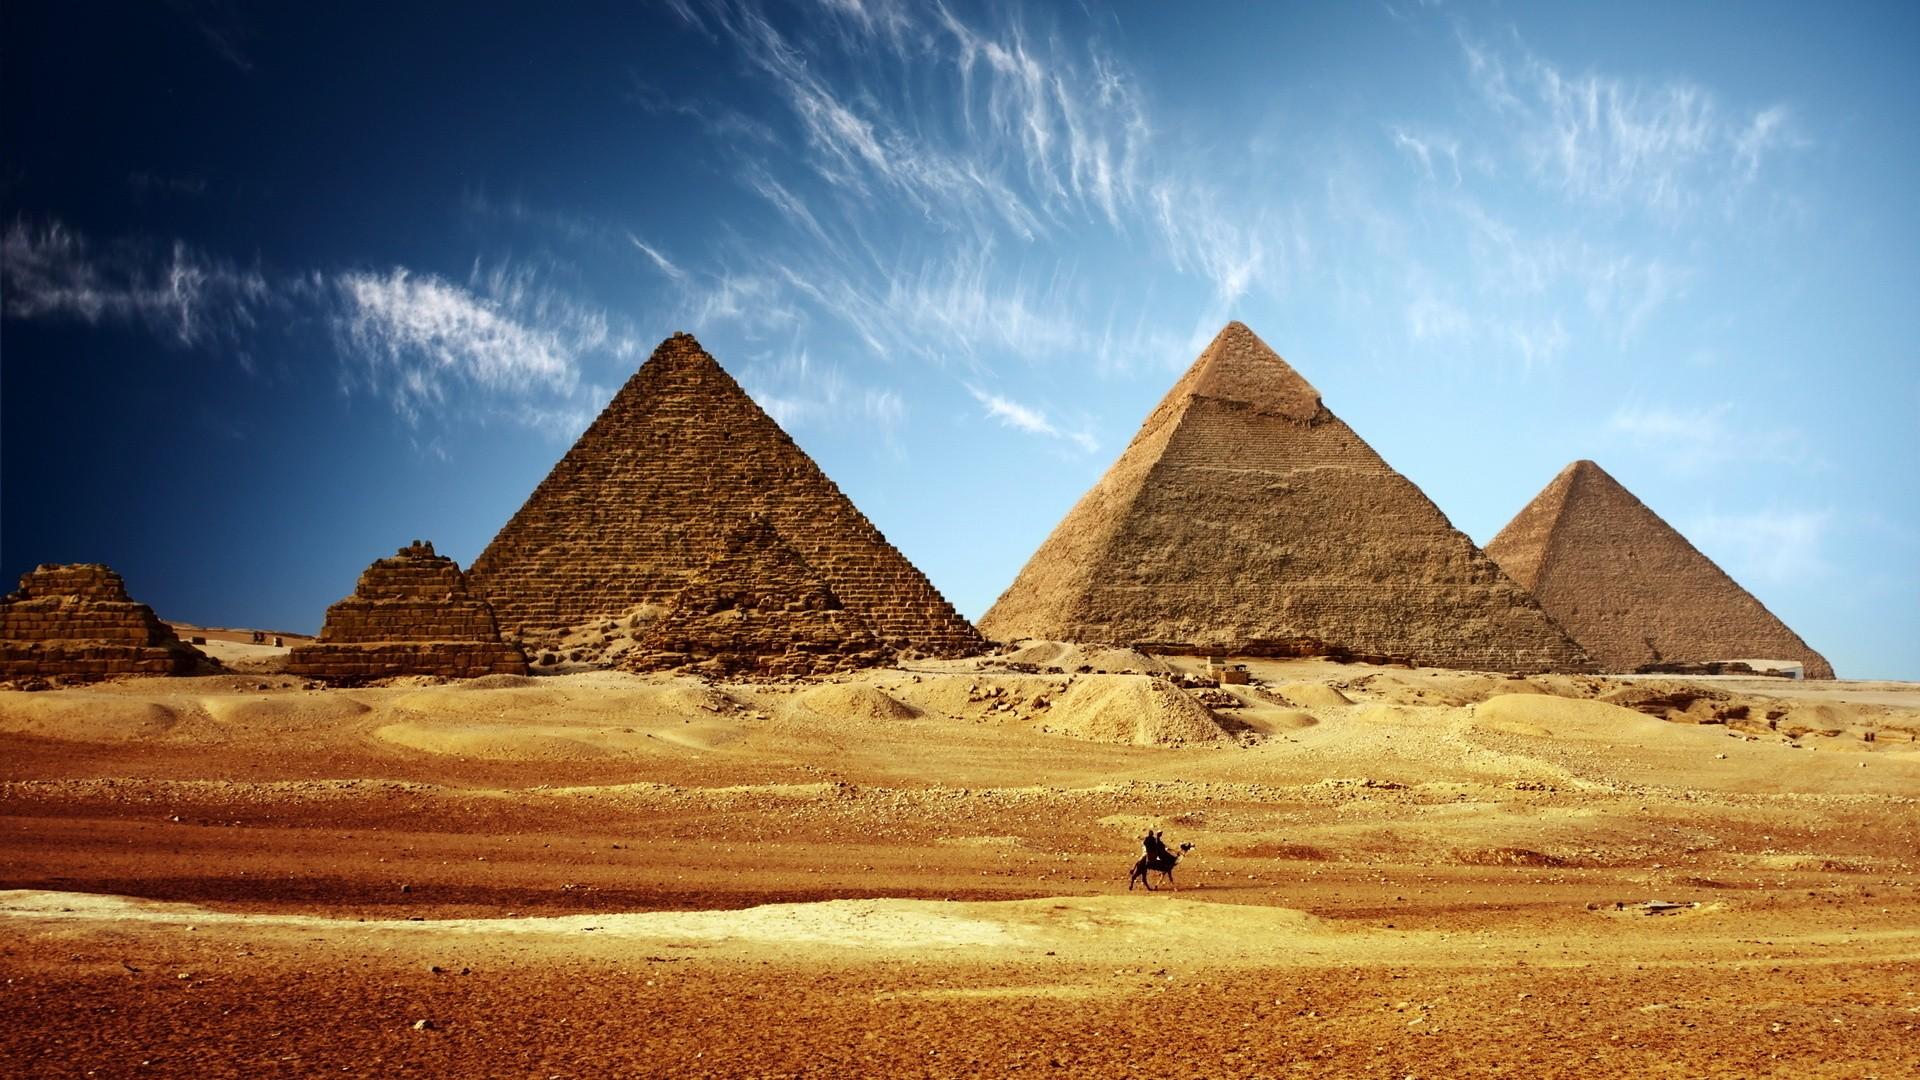 صور اهرامات الجيزة مصر (8)